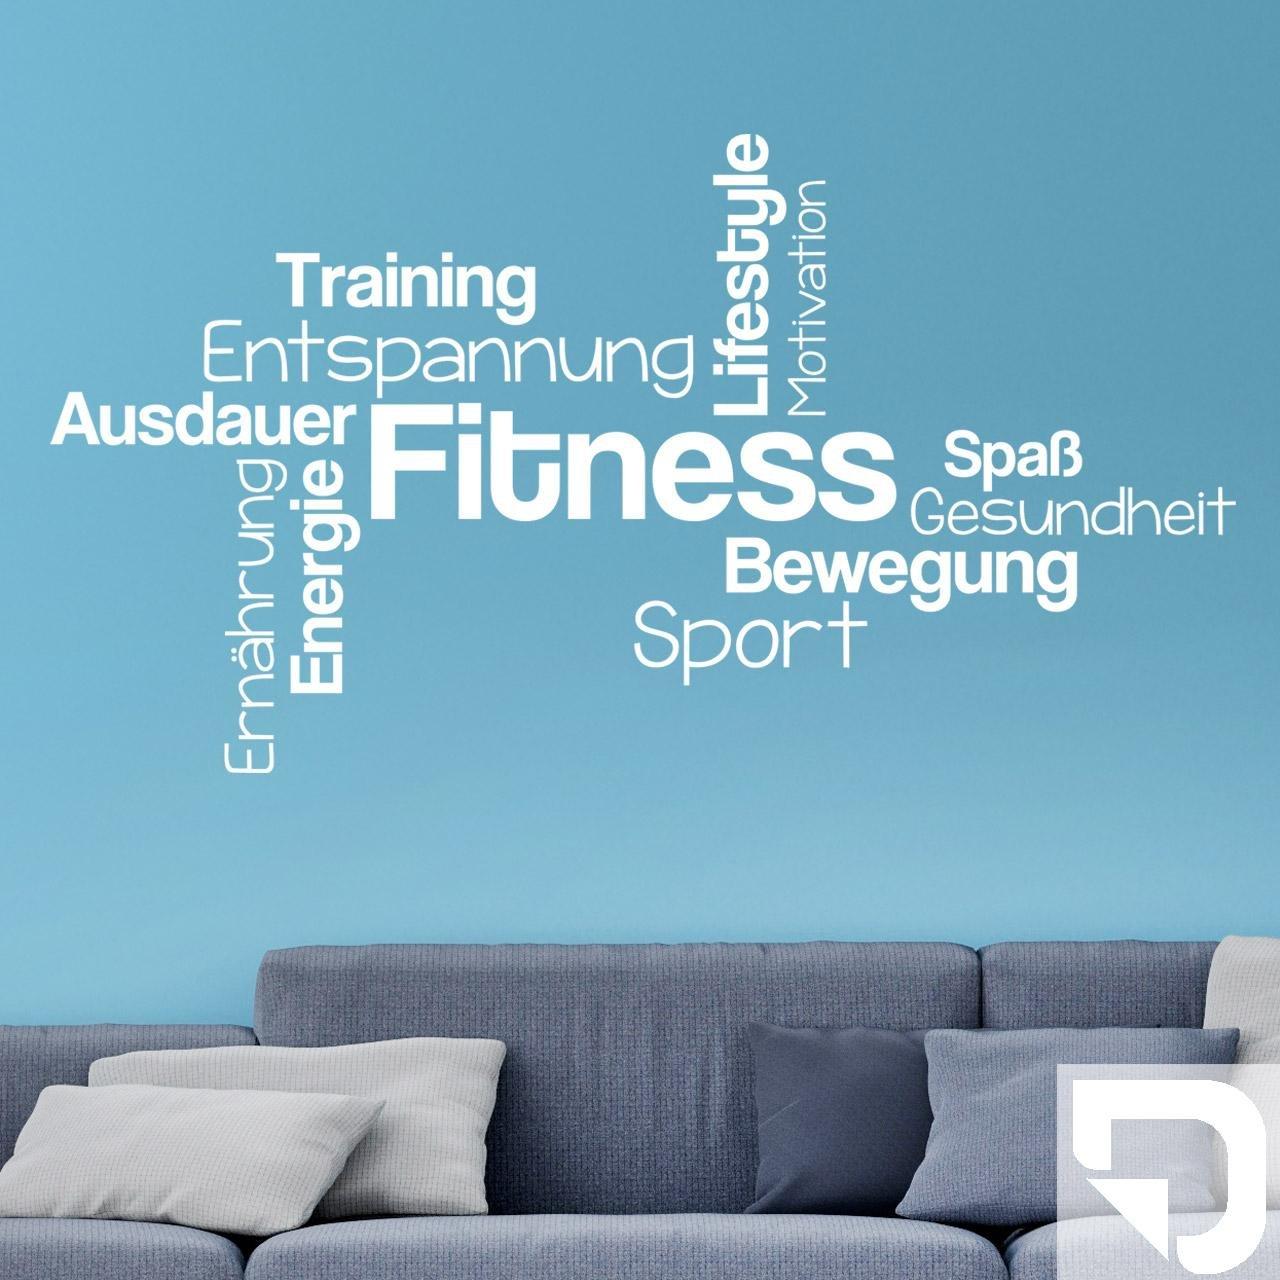 DESIGNSCAPE® Wandtattoo Fitness Wortwolke Bewegung Sport Lifestyle Training Ausdauer 160 x 87 cm (Breite x Höhe) weiss DW807301-L-F5